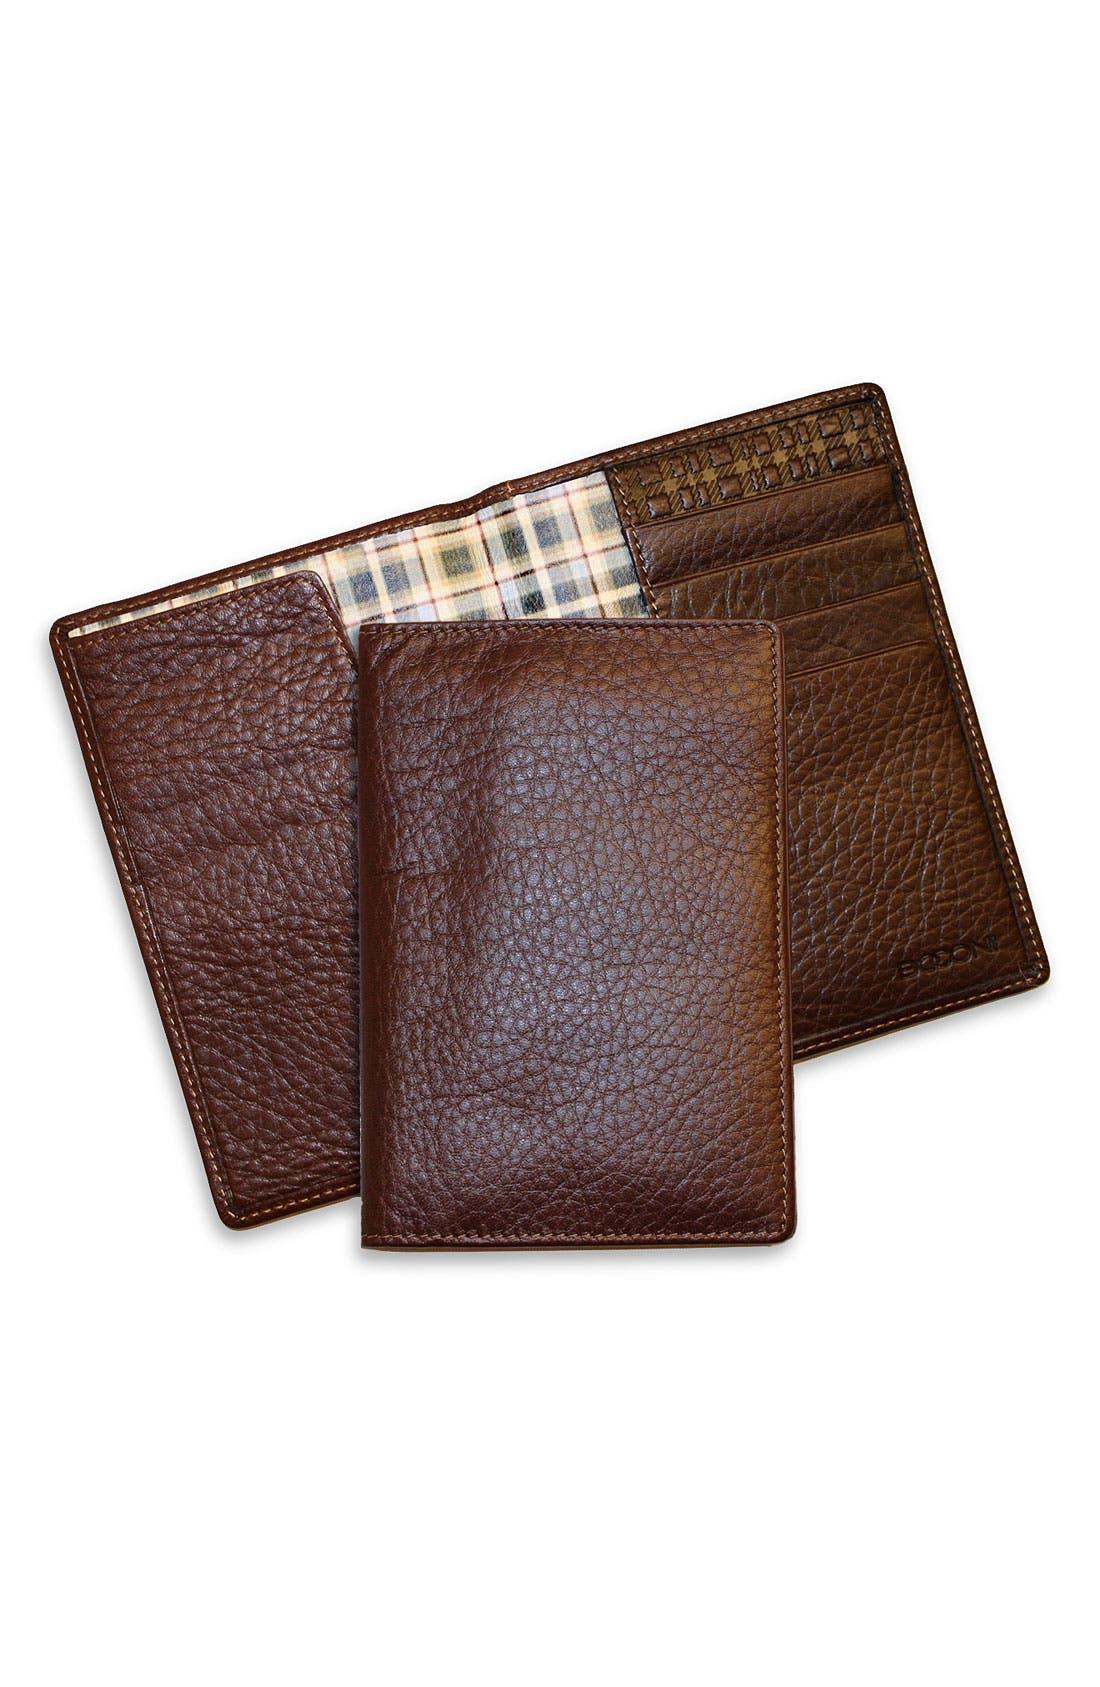 Main Image - Boconi Passport Case